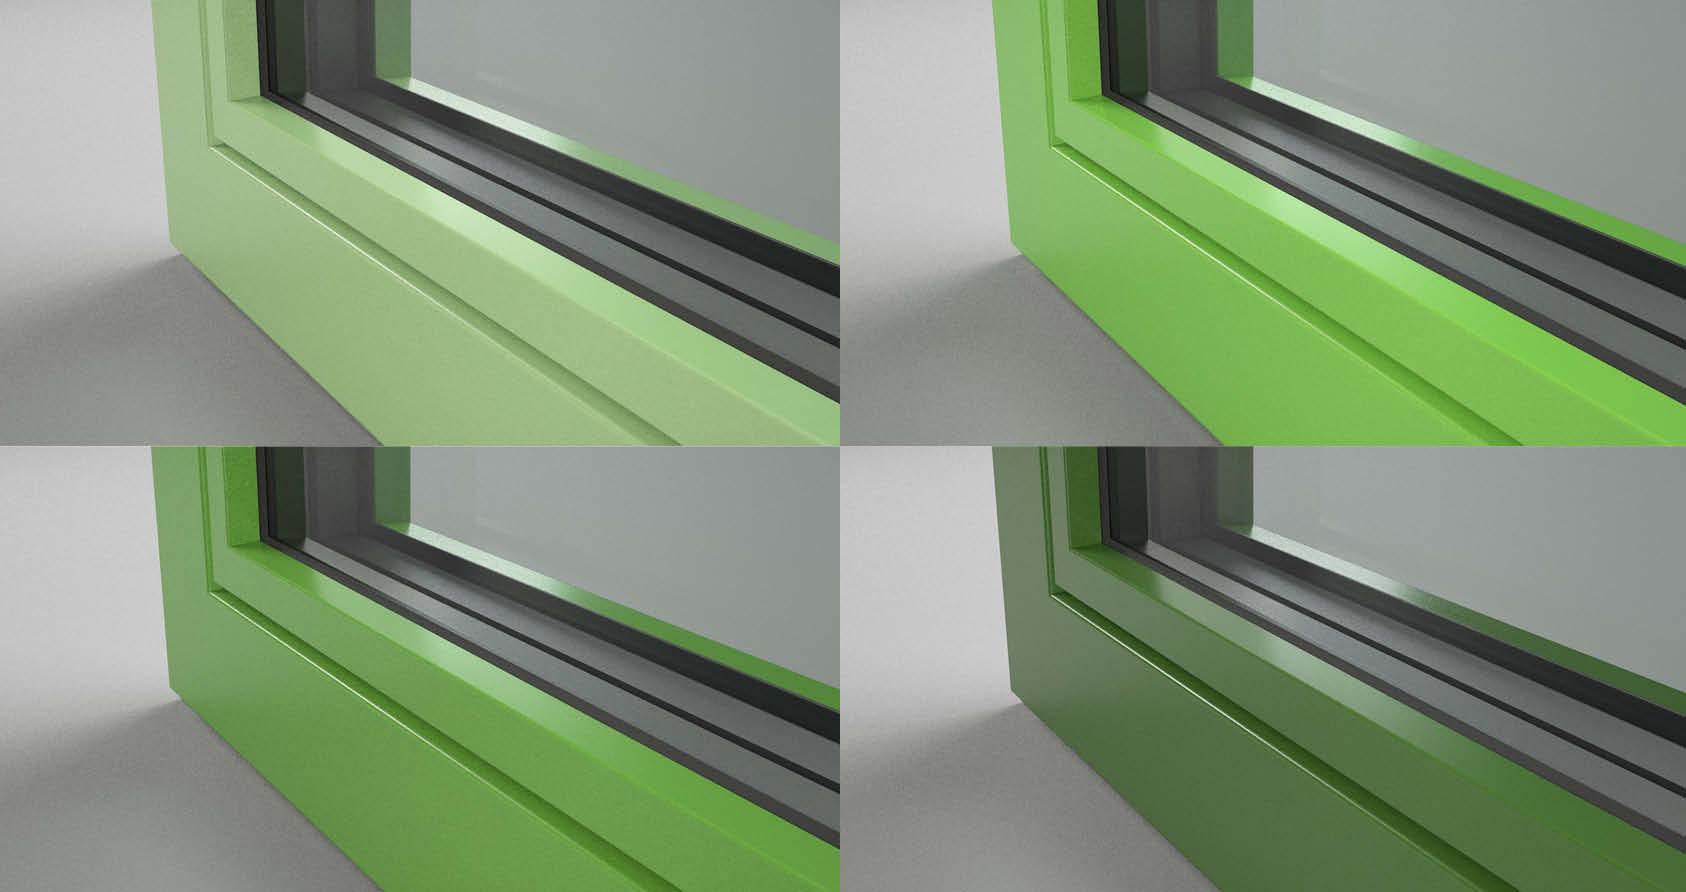 colori delle superfici in alluminio